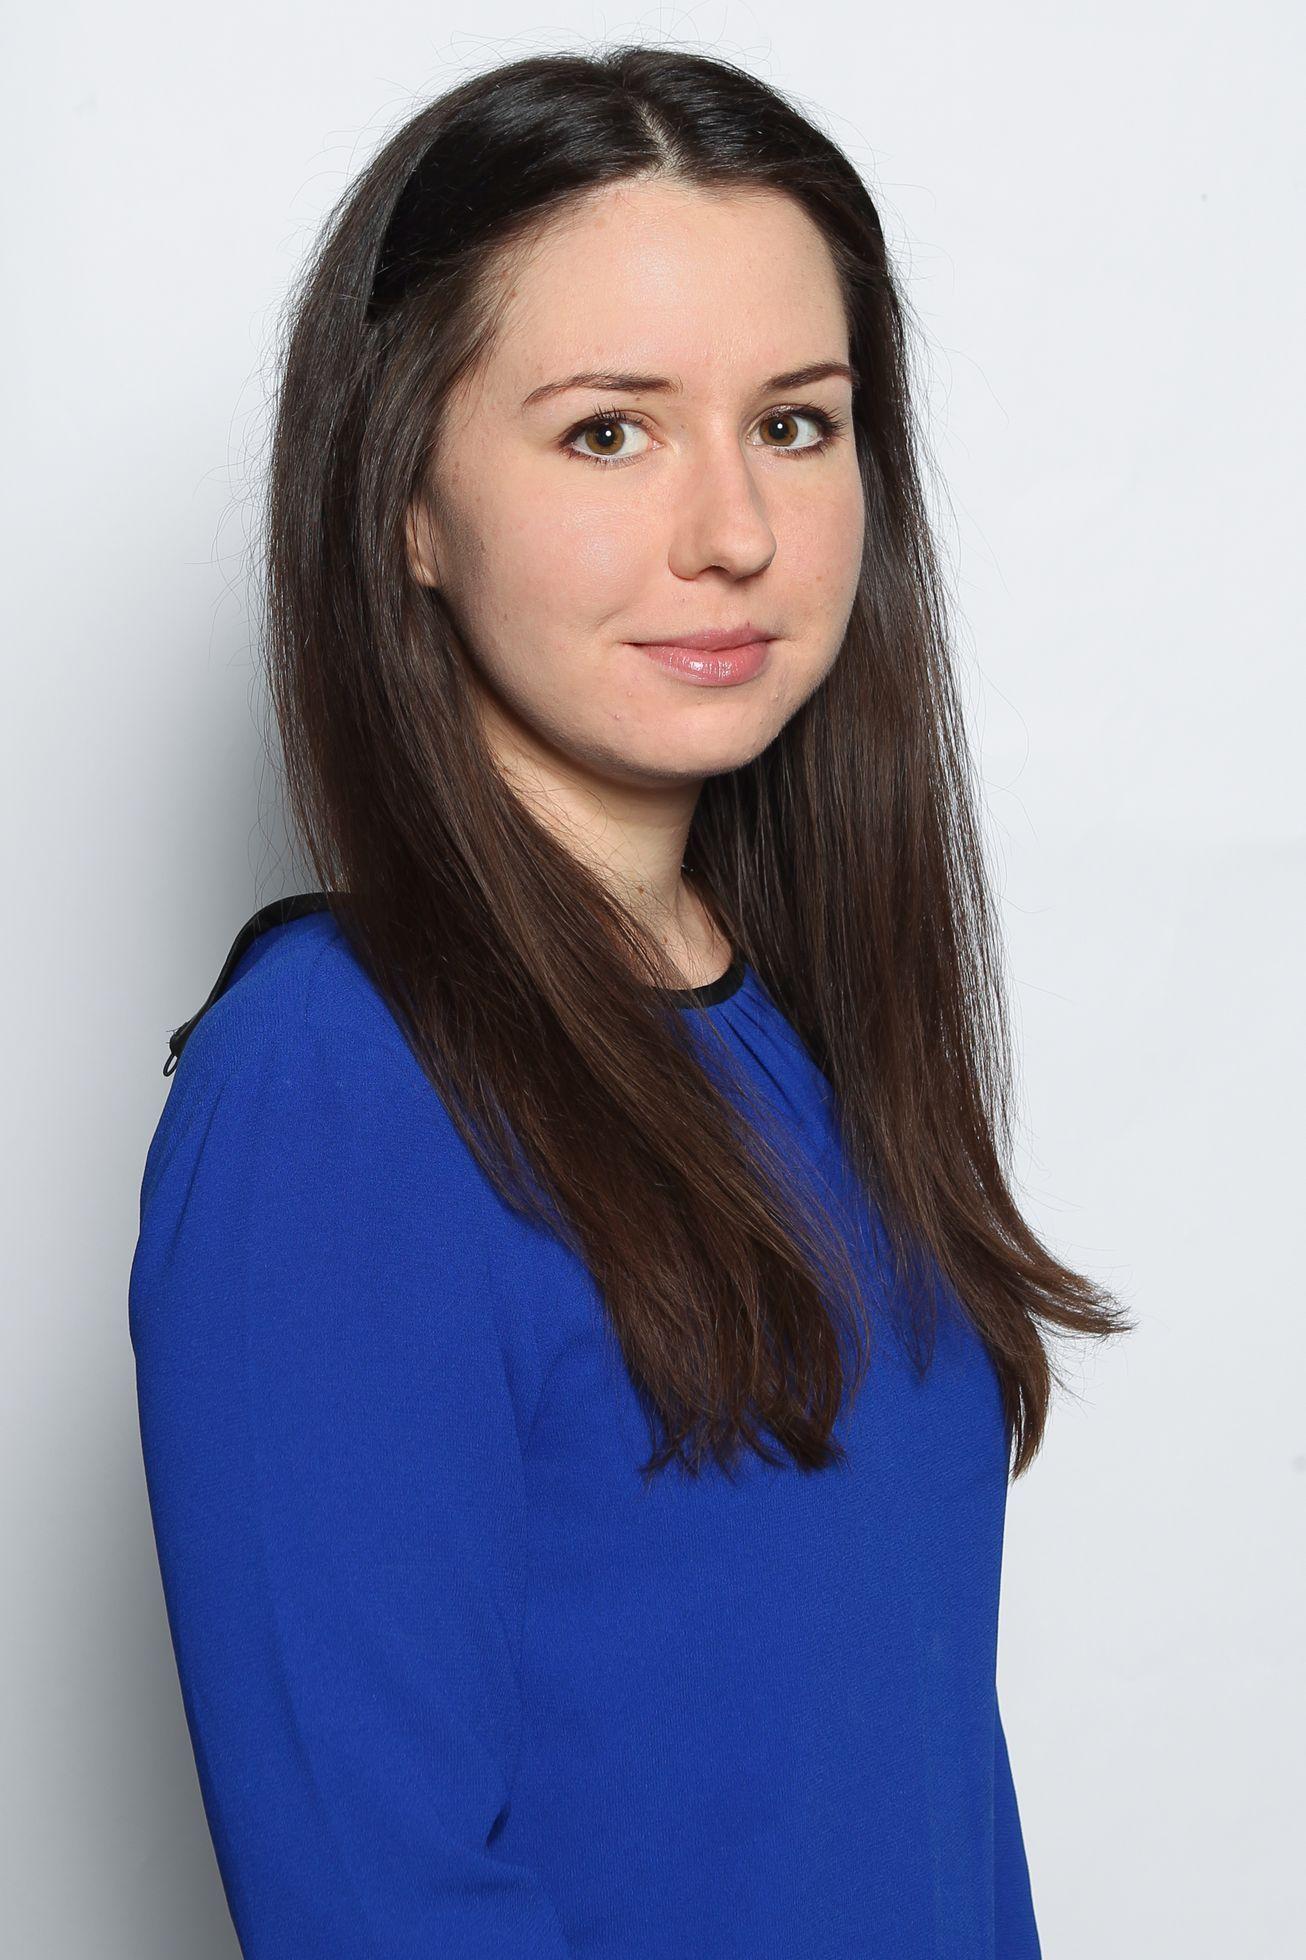 Kateřina Vítková - Aktuálně.cz